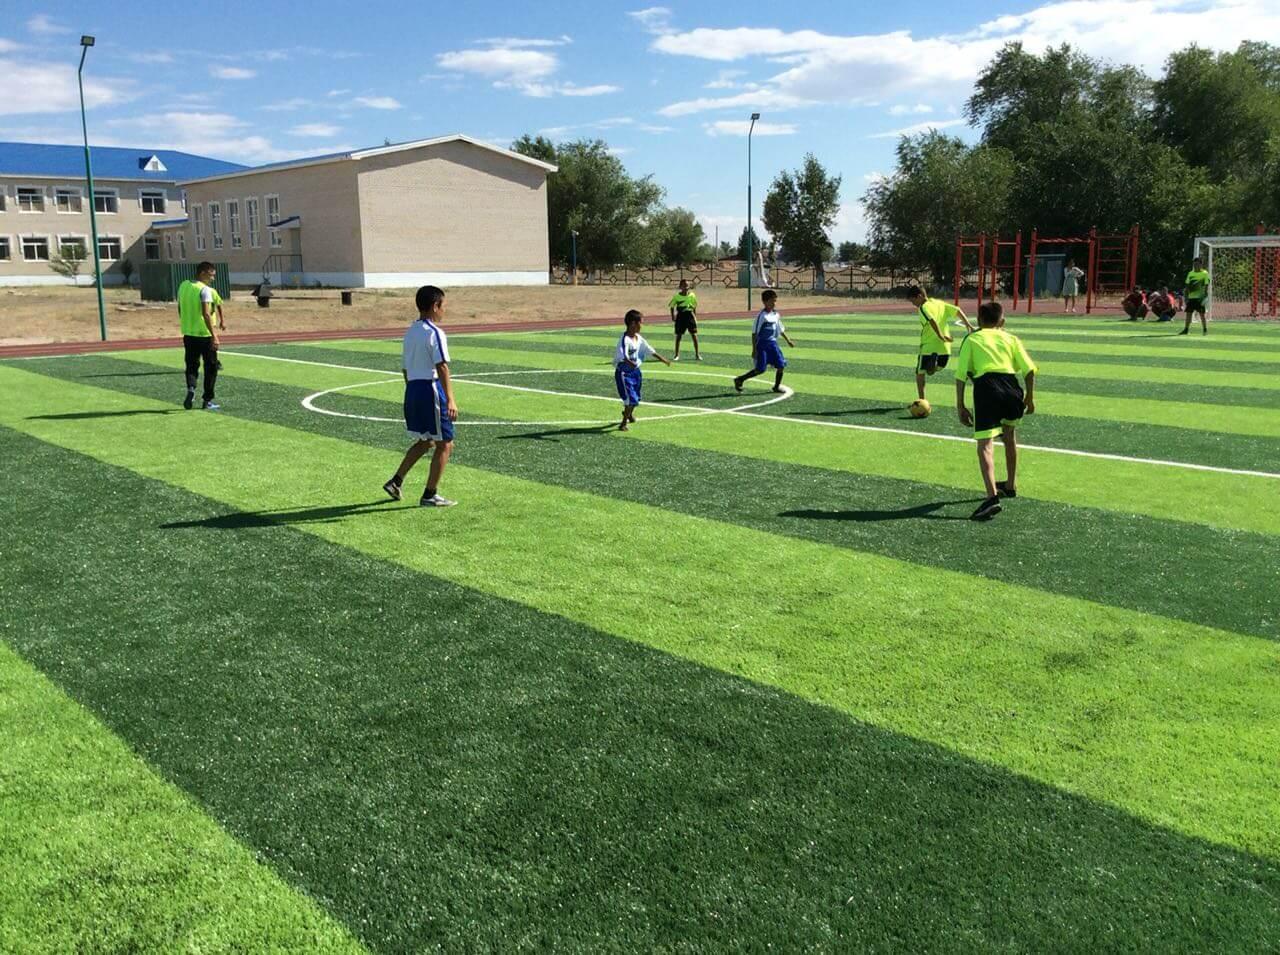 мини футбольное поле (картинка 3)